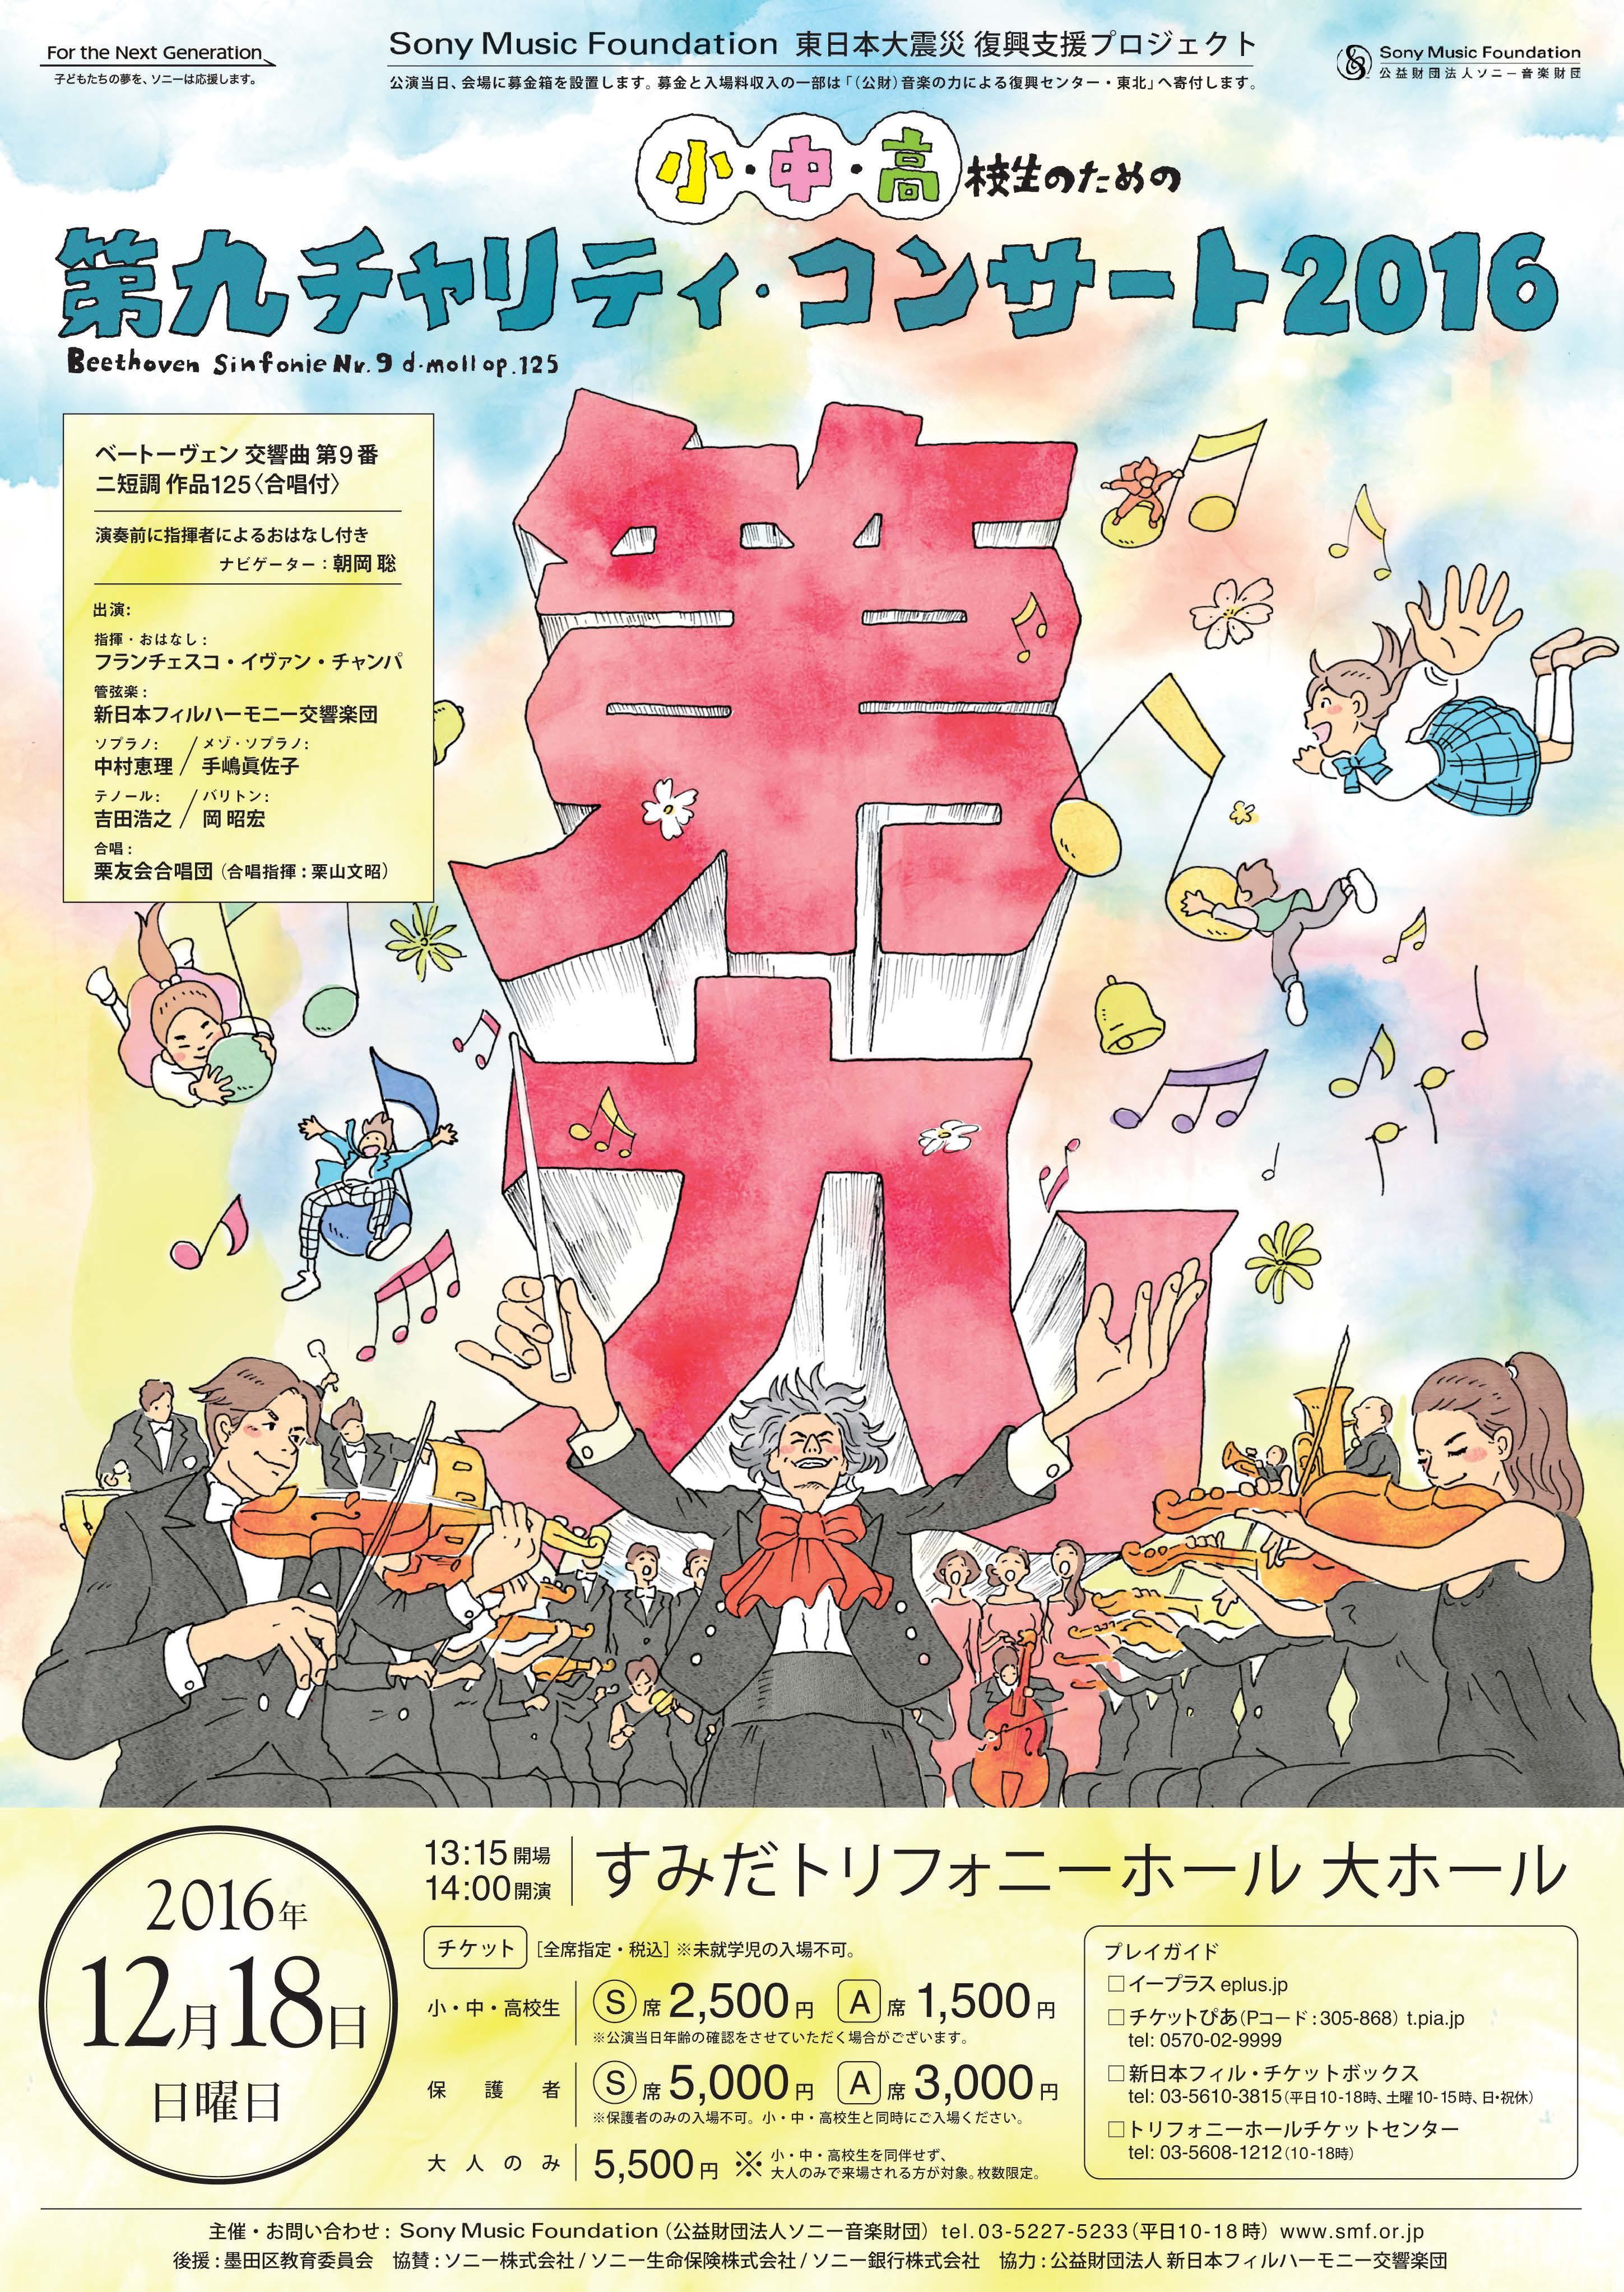 Sony Music Foundation 東日本大震災 復興支援プロジェクト 小・中・高校生のための 「第九」チャリティ・コンサート 2016